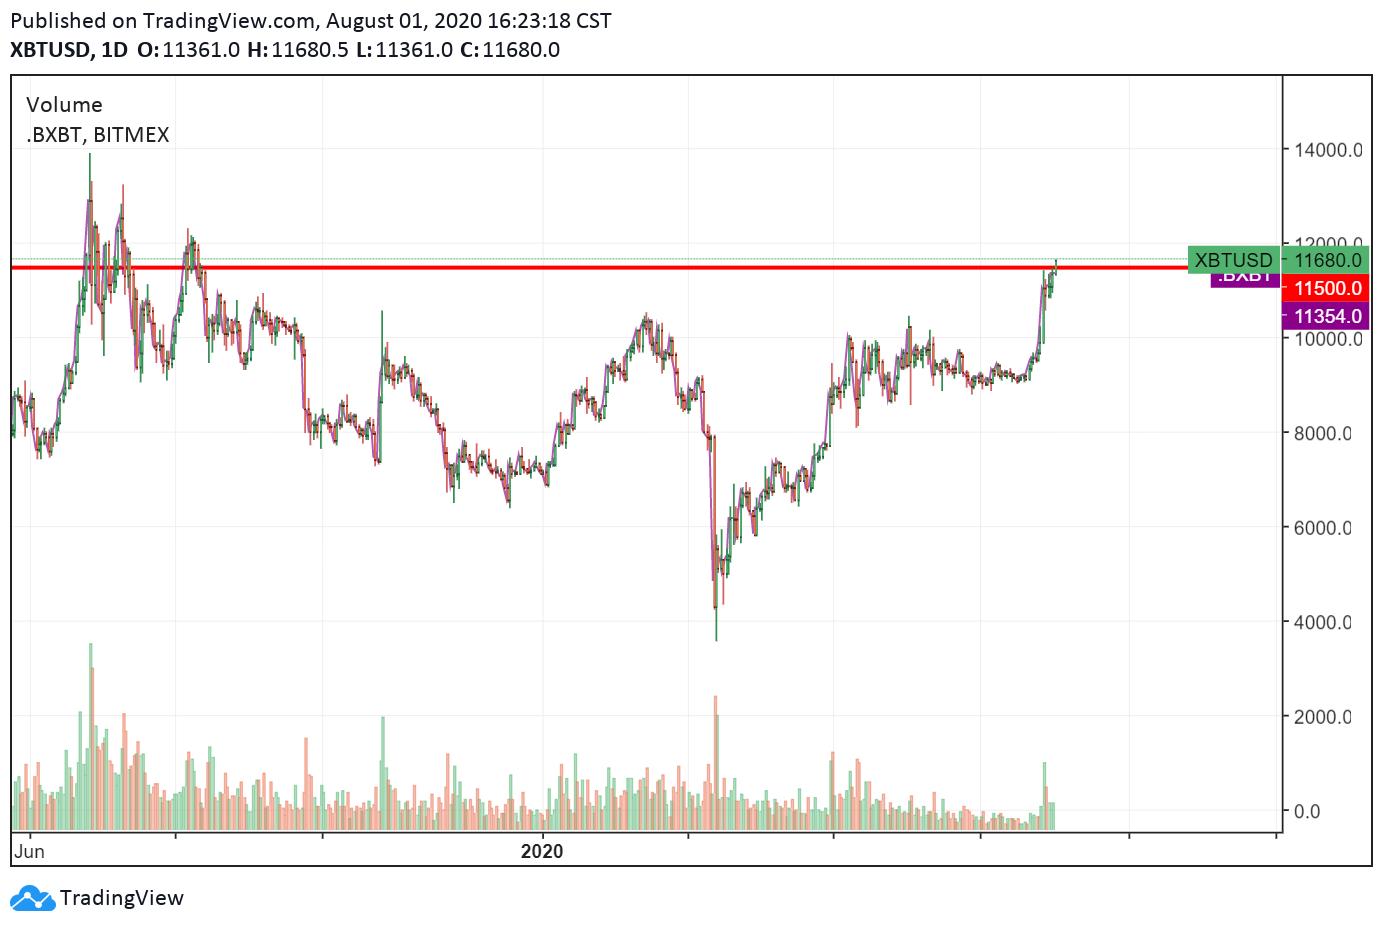 比特币今年首次突破1.16万美元,比特币暴涨的背后是什么?